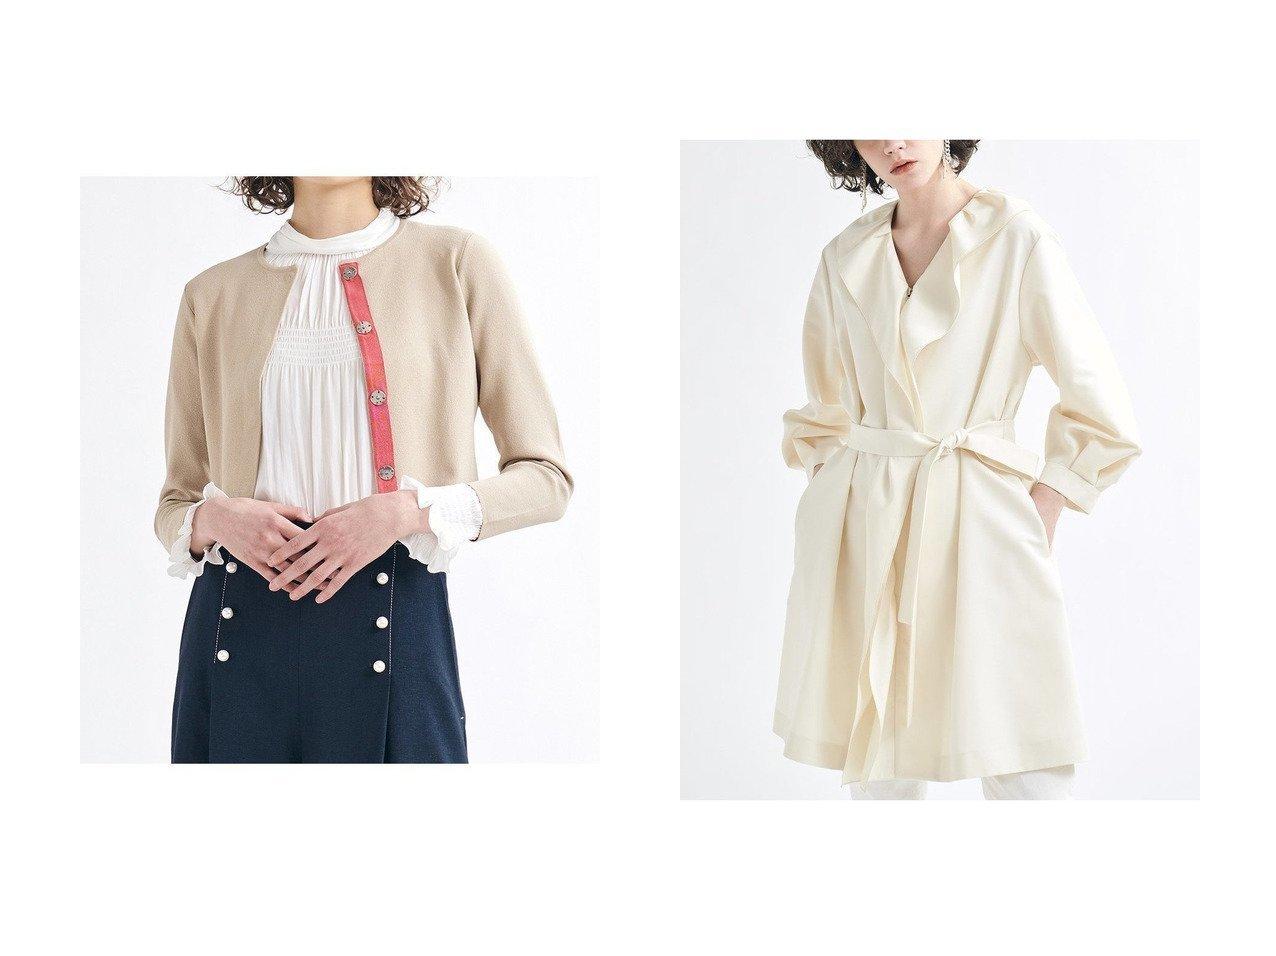 【LANVIN en Bleu/ランバン オン ブルー】のニットジャケット&フロントリボンコート アウターのおすすめ!人気、トレンド・レディースファッションの通販 おすすめで人気の流行・トレンド、ファッションの通販商品 メンズファッション・キッズファッション・インテリア・家具・レディースファッション・服の通販 founy(ファニー) https://founy.com/ ファッション Fashion レディースファッション WOMEN アウター Coat Outerwear ジャケット Jackets コート Coats 2021年 2021 2021 春夏 S/S SS Spring/Summer 2021 S/S 春夏 SS Spring/Summer カーディガン グログラン ショート シンプル ジャケット バランス 春 Spring |ID:crp329100000024787